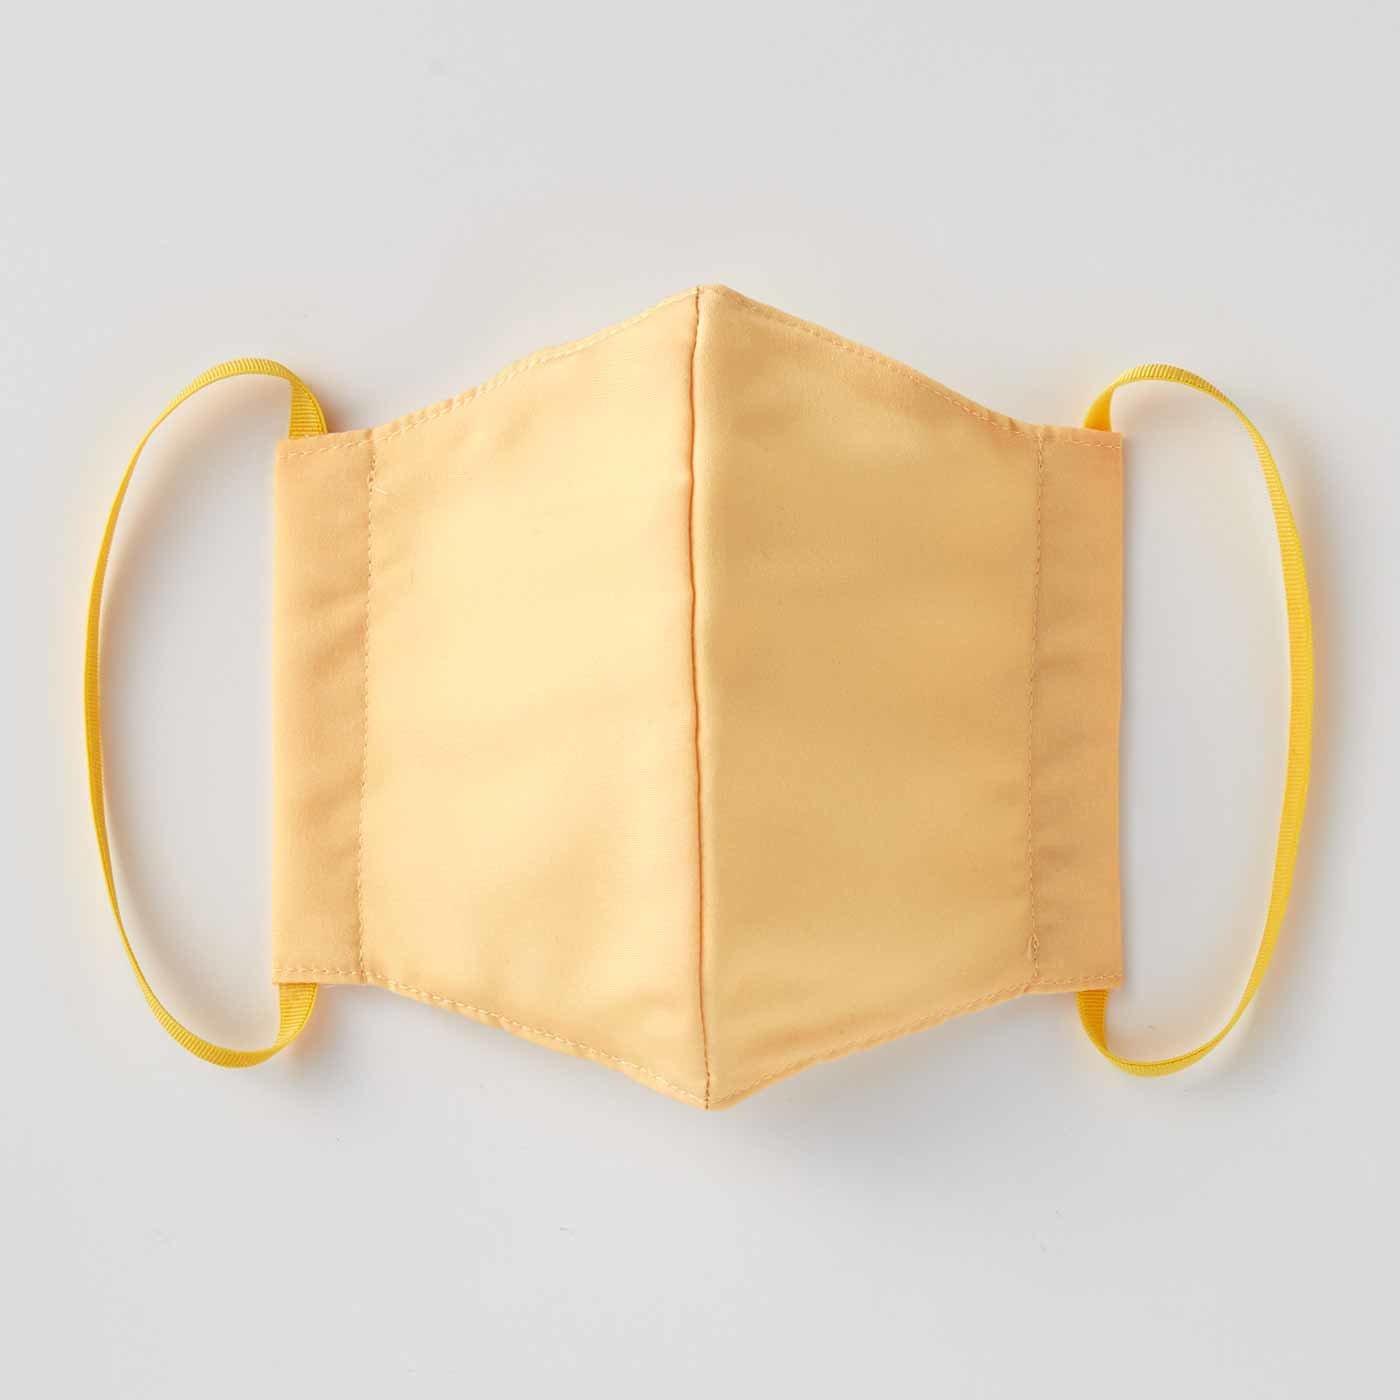 OSYAIRO UVカットのキレイカラーマスク〈イエロー〉